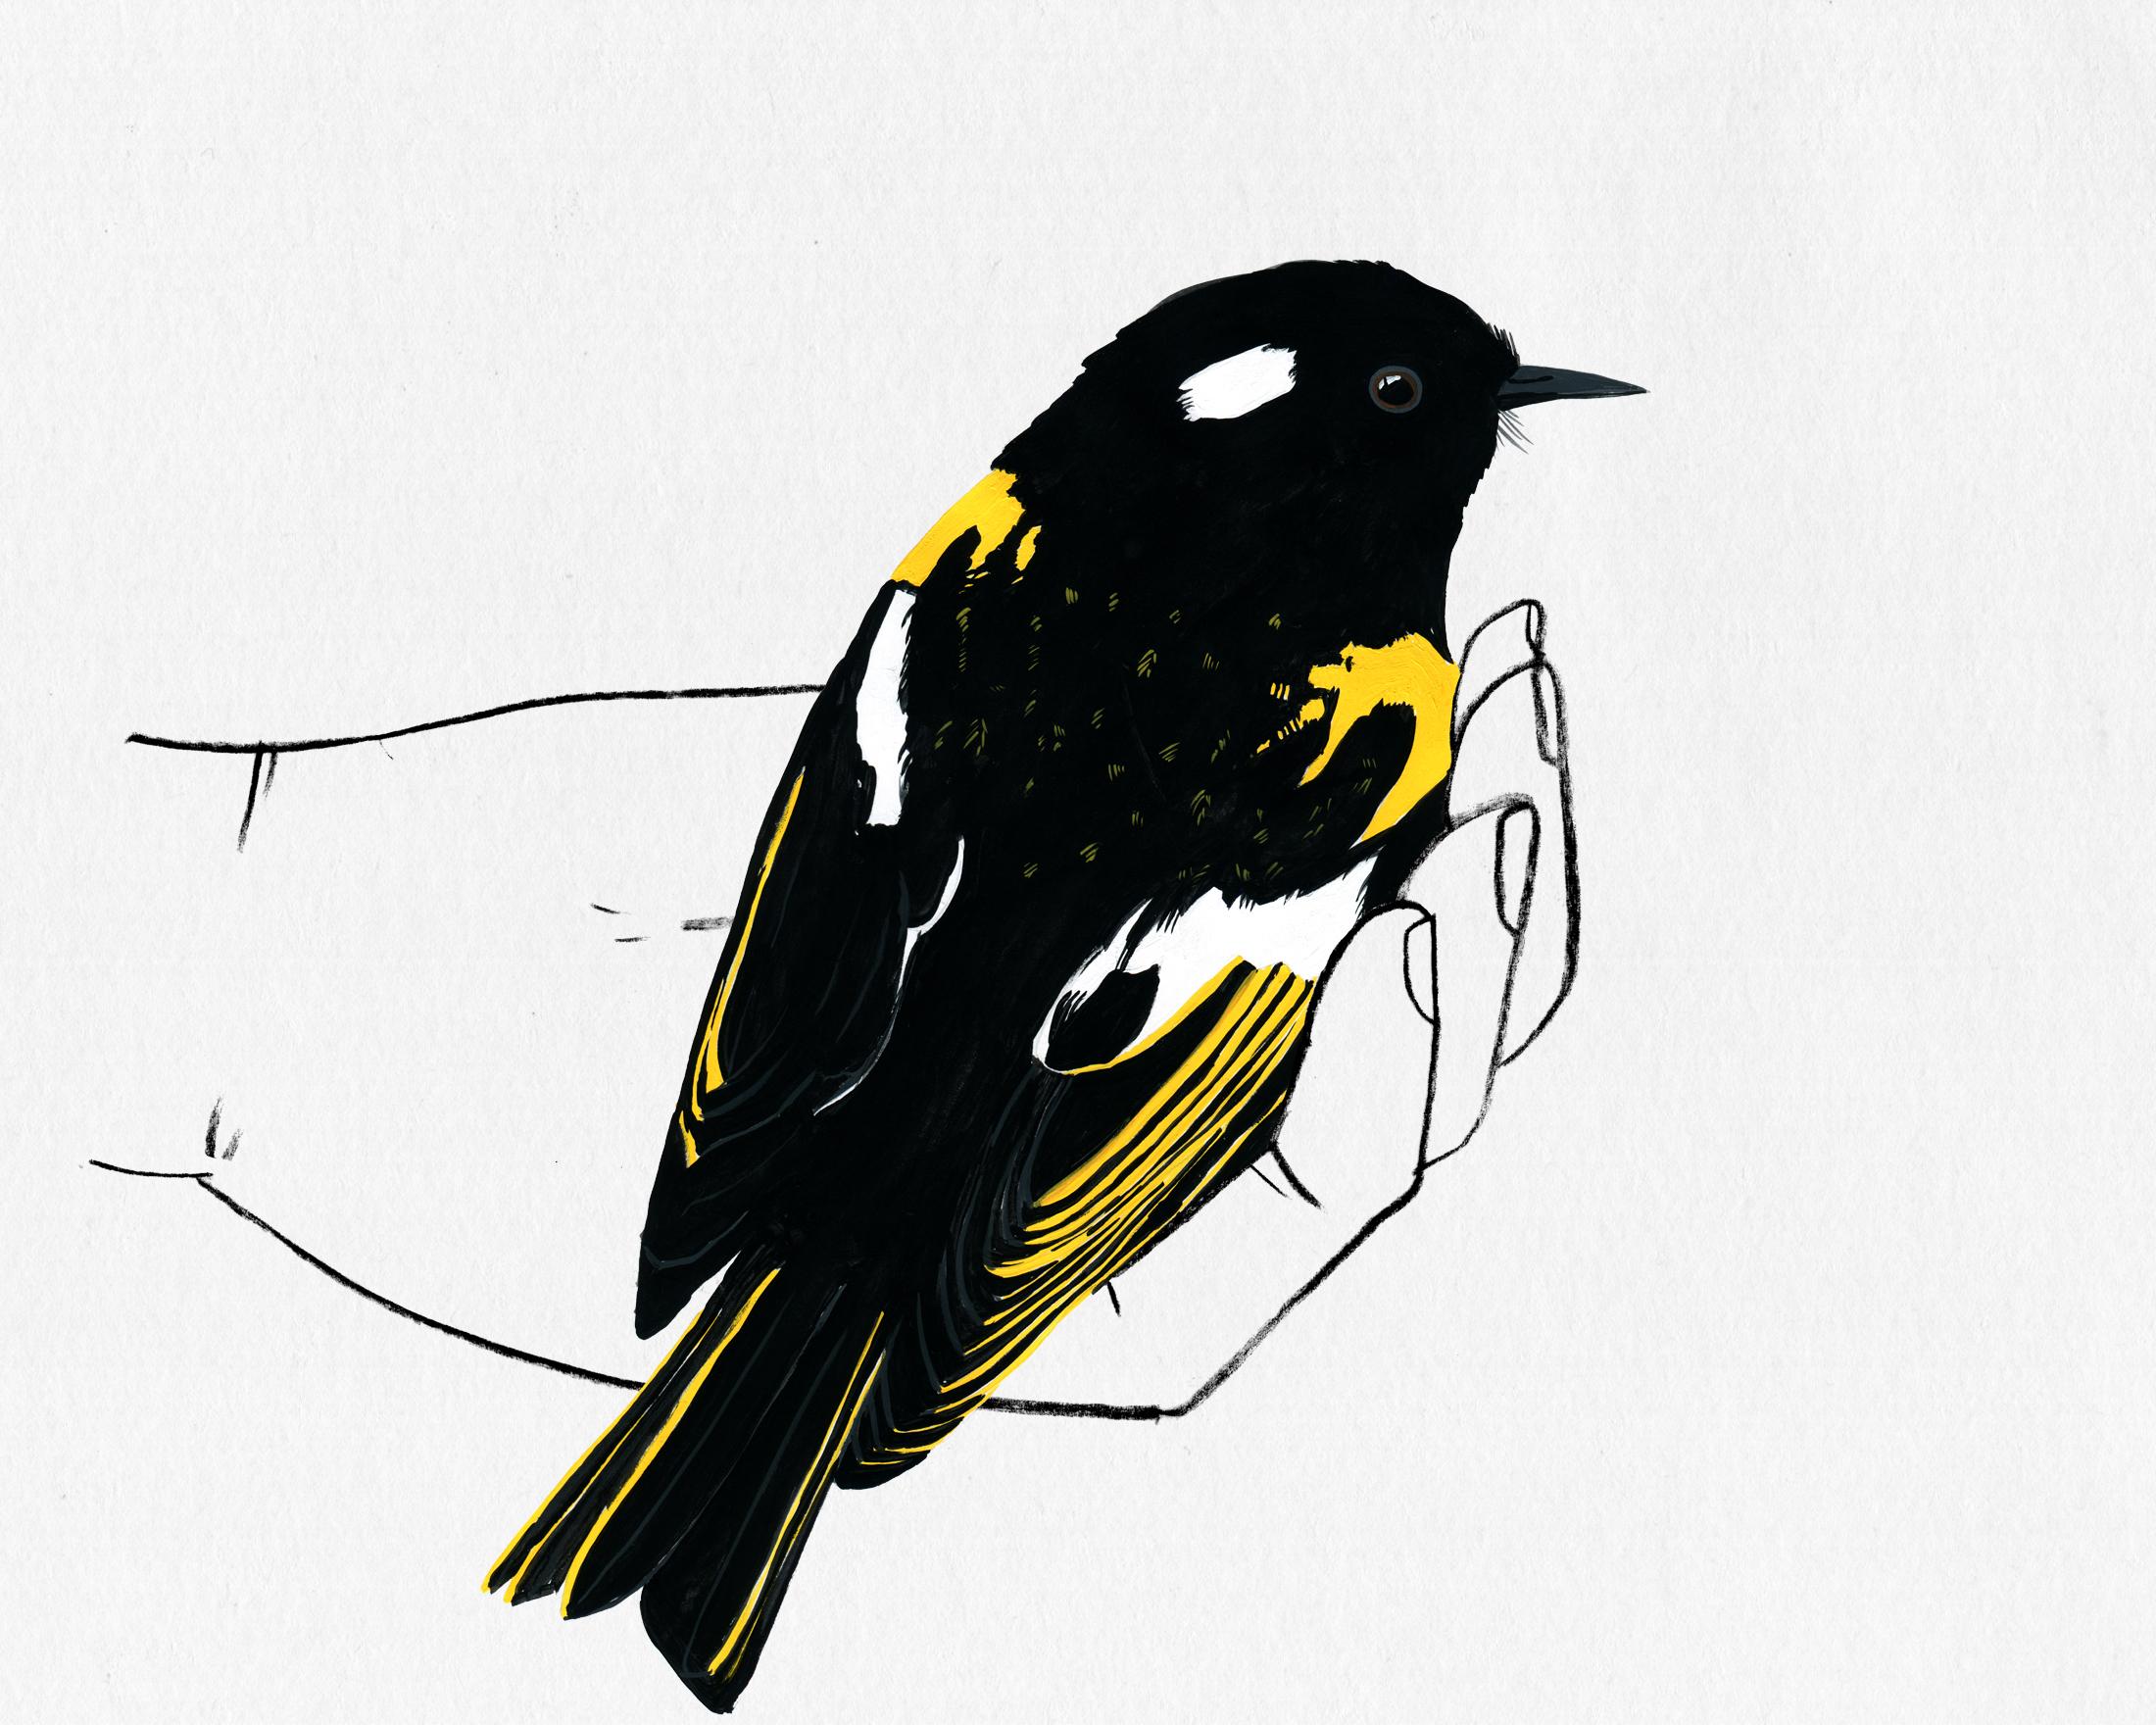 bird in hand series - stitchbird